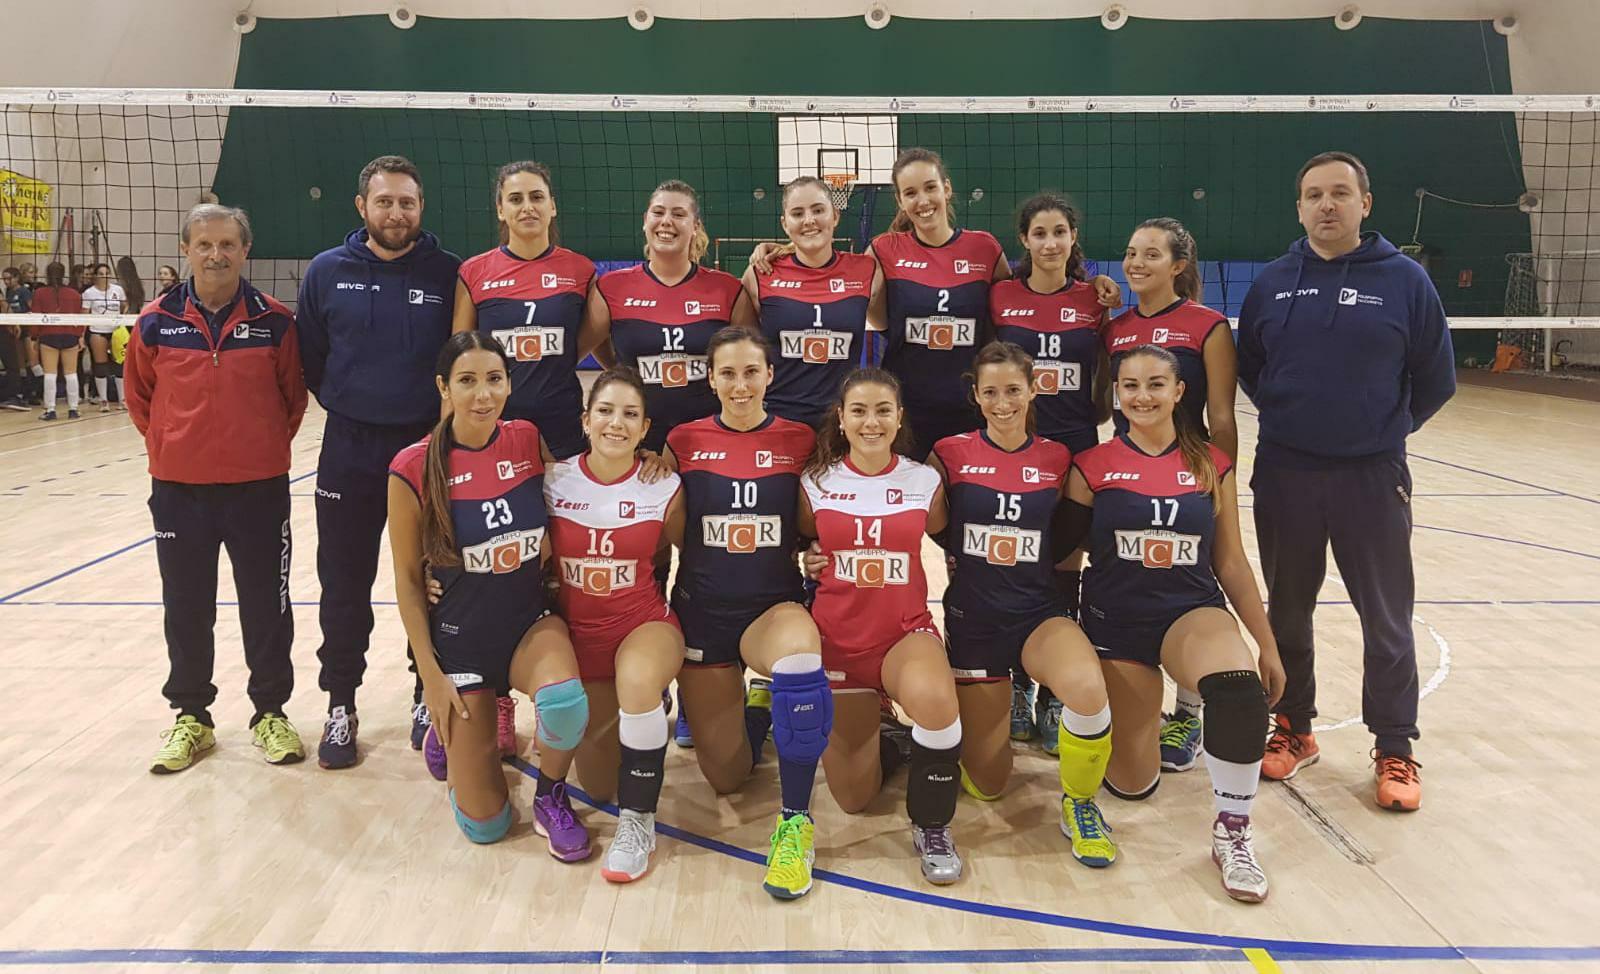 Serie D Pallavolo Femminile 2019-2020